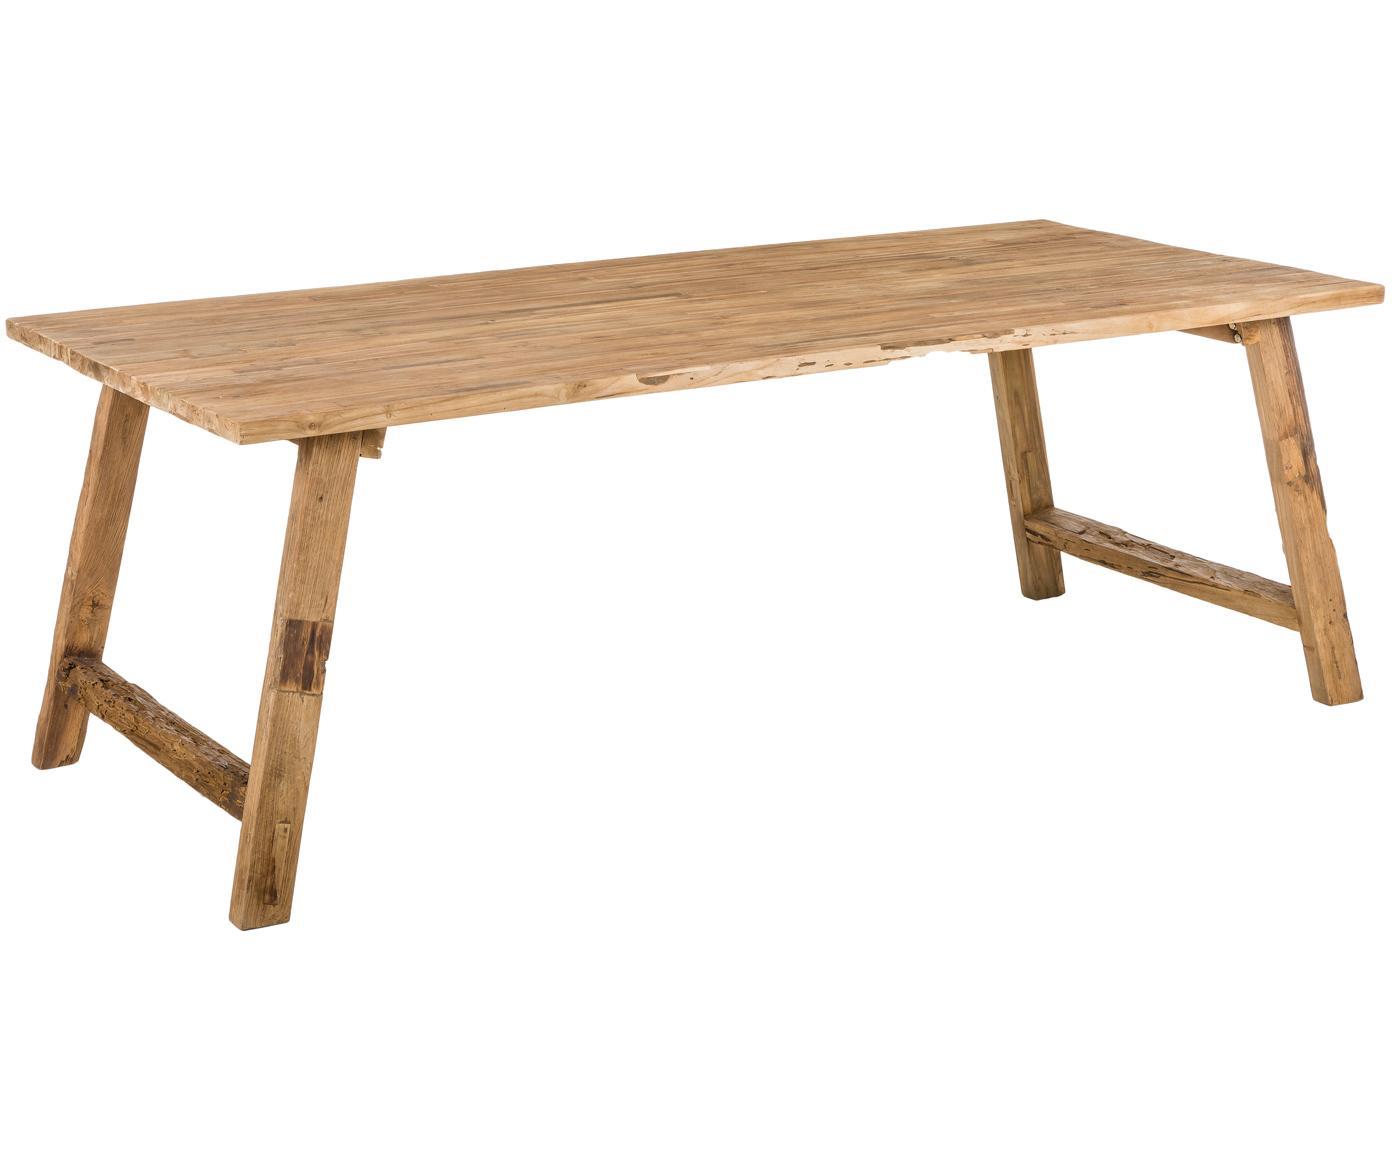 Stół do jadalni z litego drewna tekowego Lawas, Naturalne drewno tekowe, Drewno tekowe, S 220 x G 100 cm